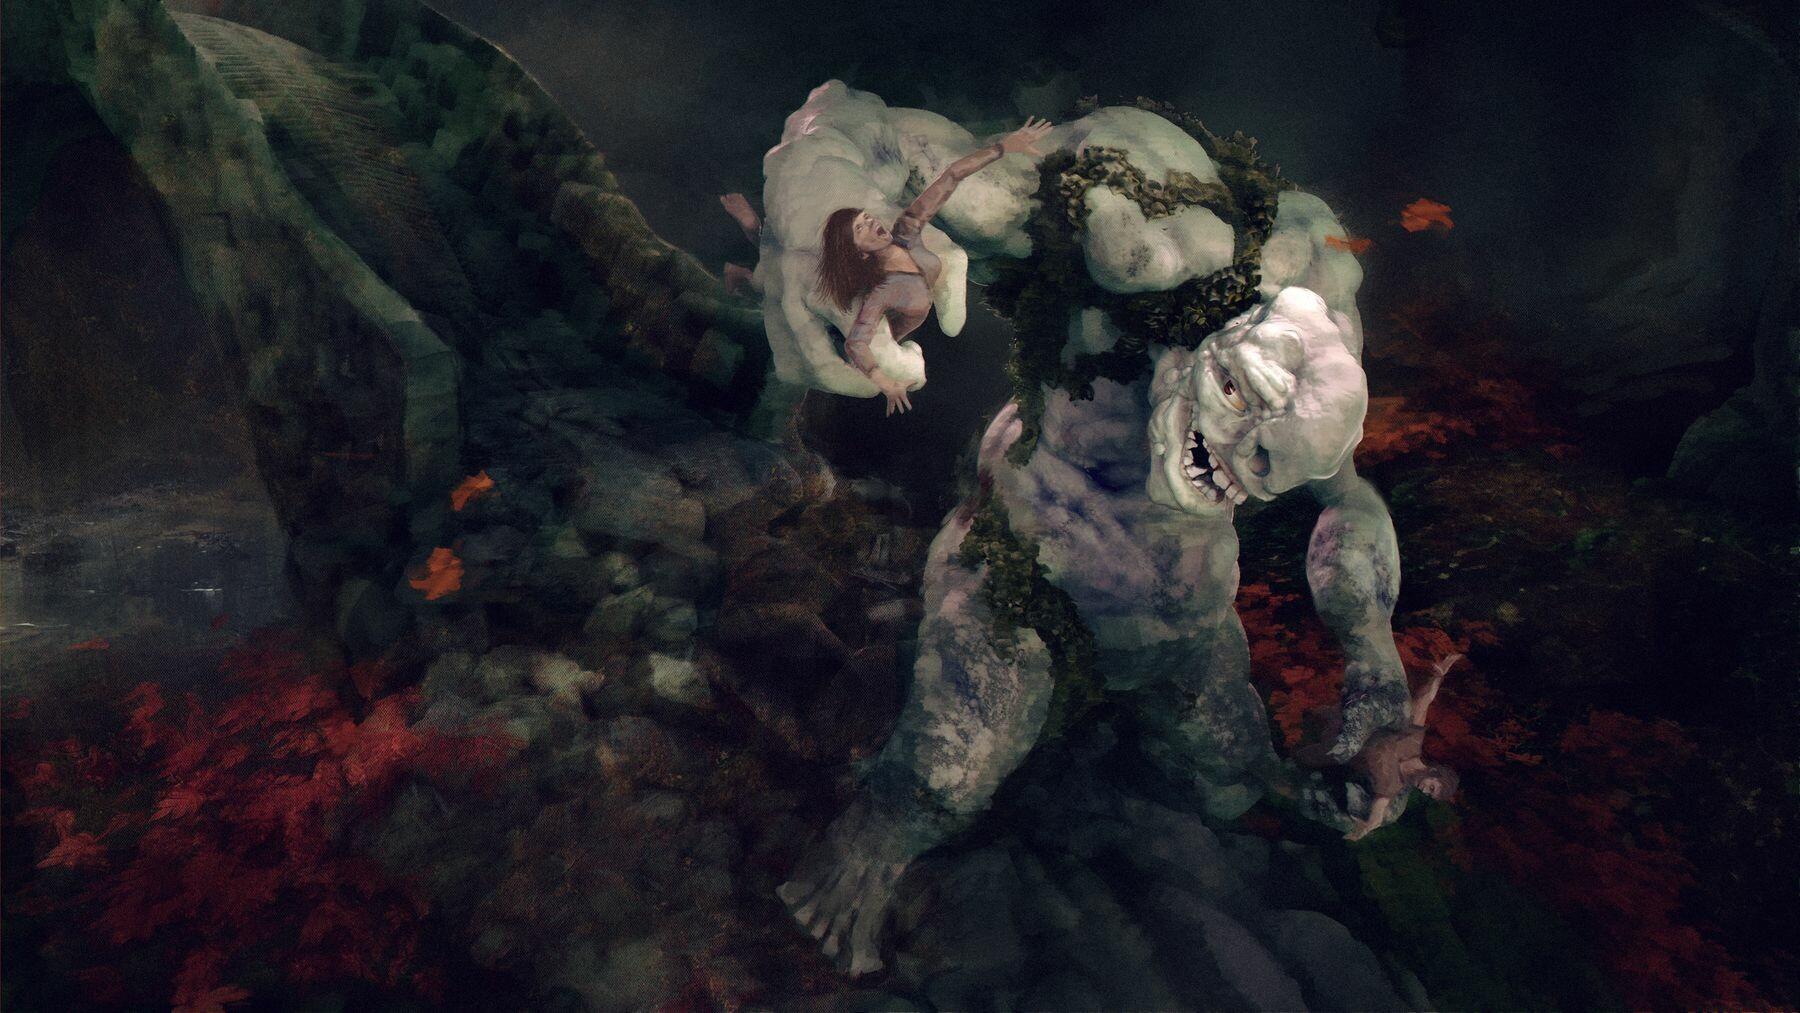 Stijn windig troll 01